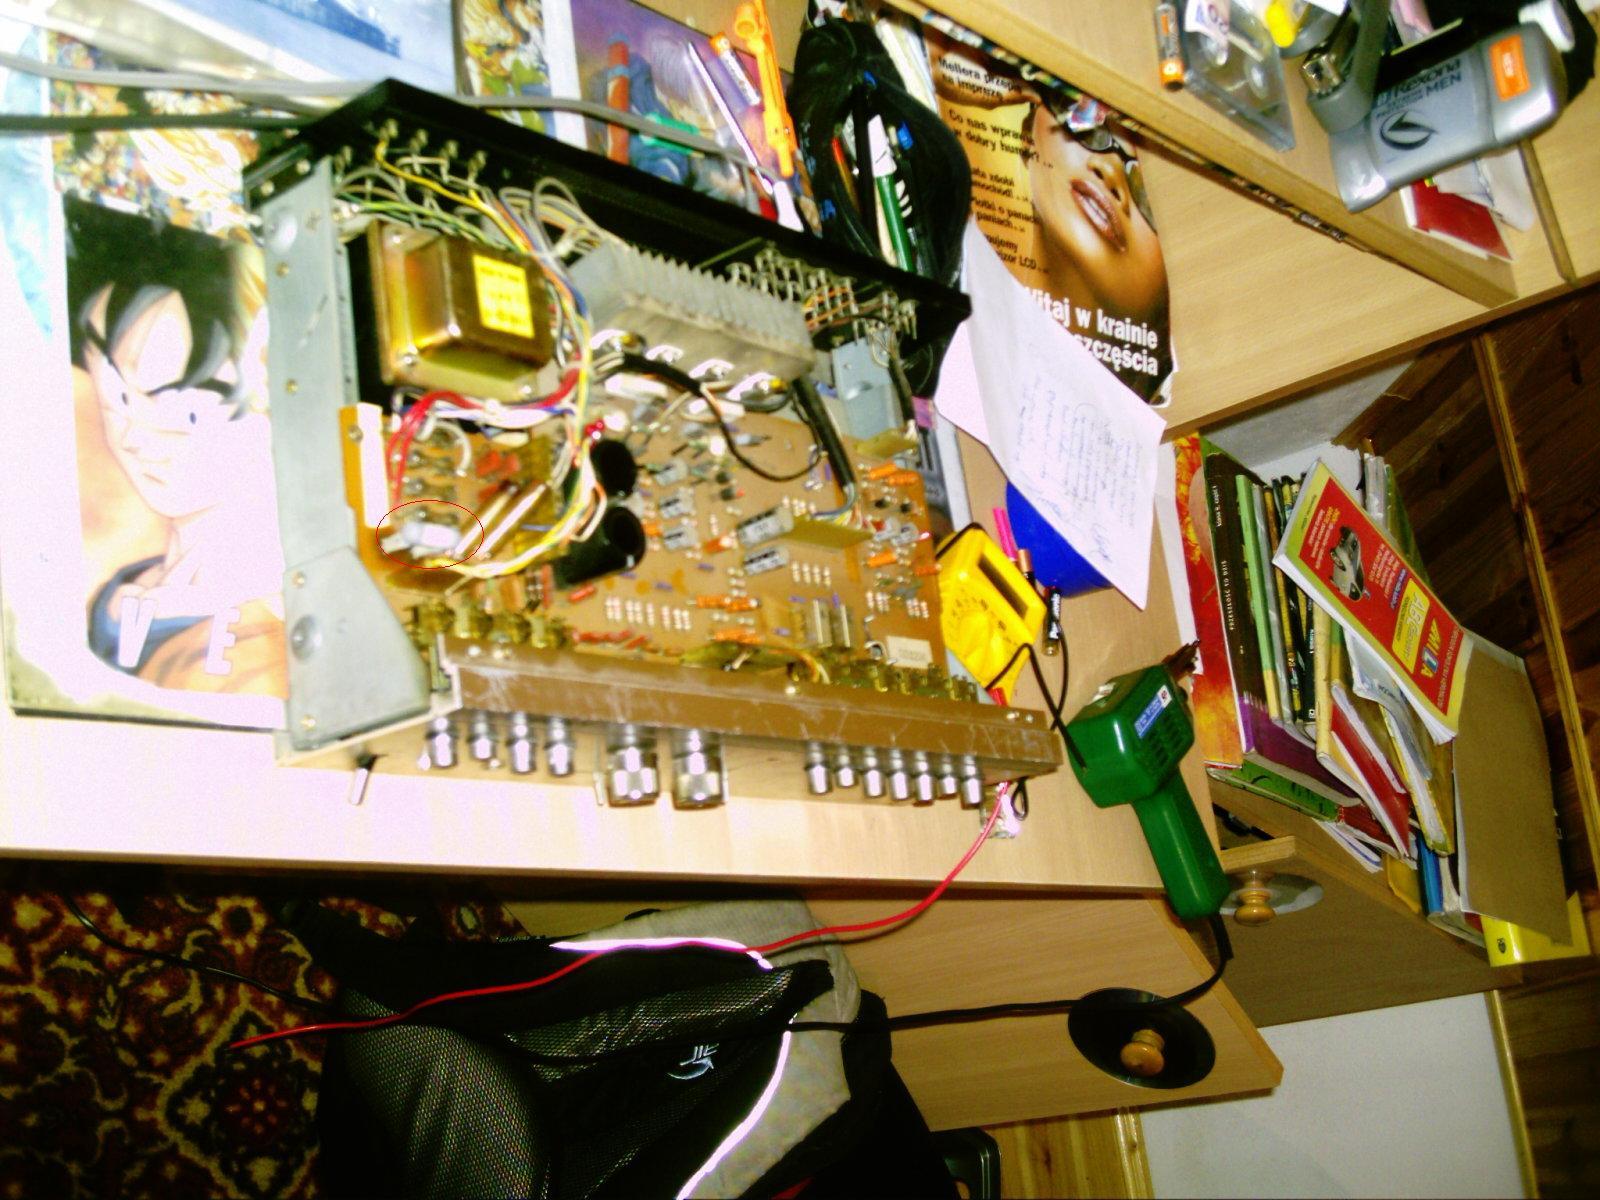 nie działa wzmacniacz sony ta-1066 integrated amplifier